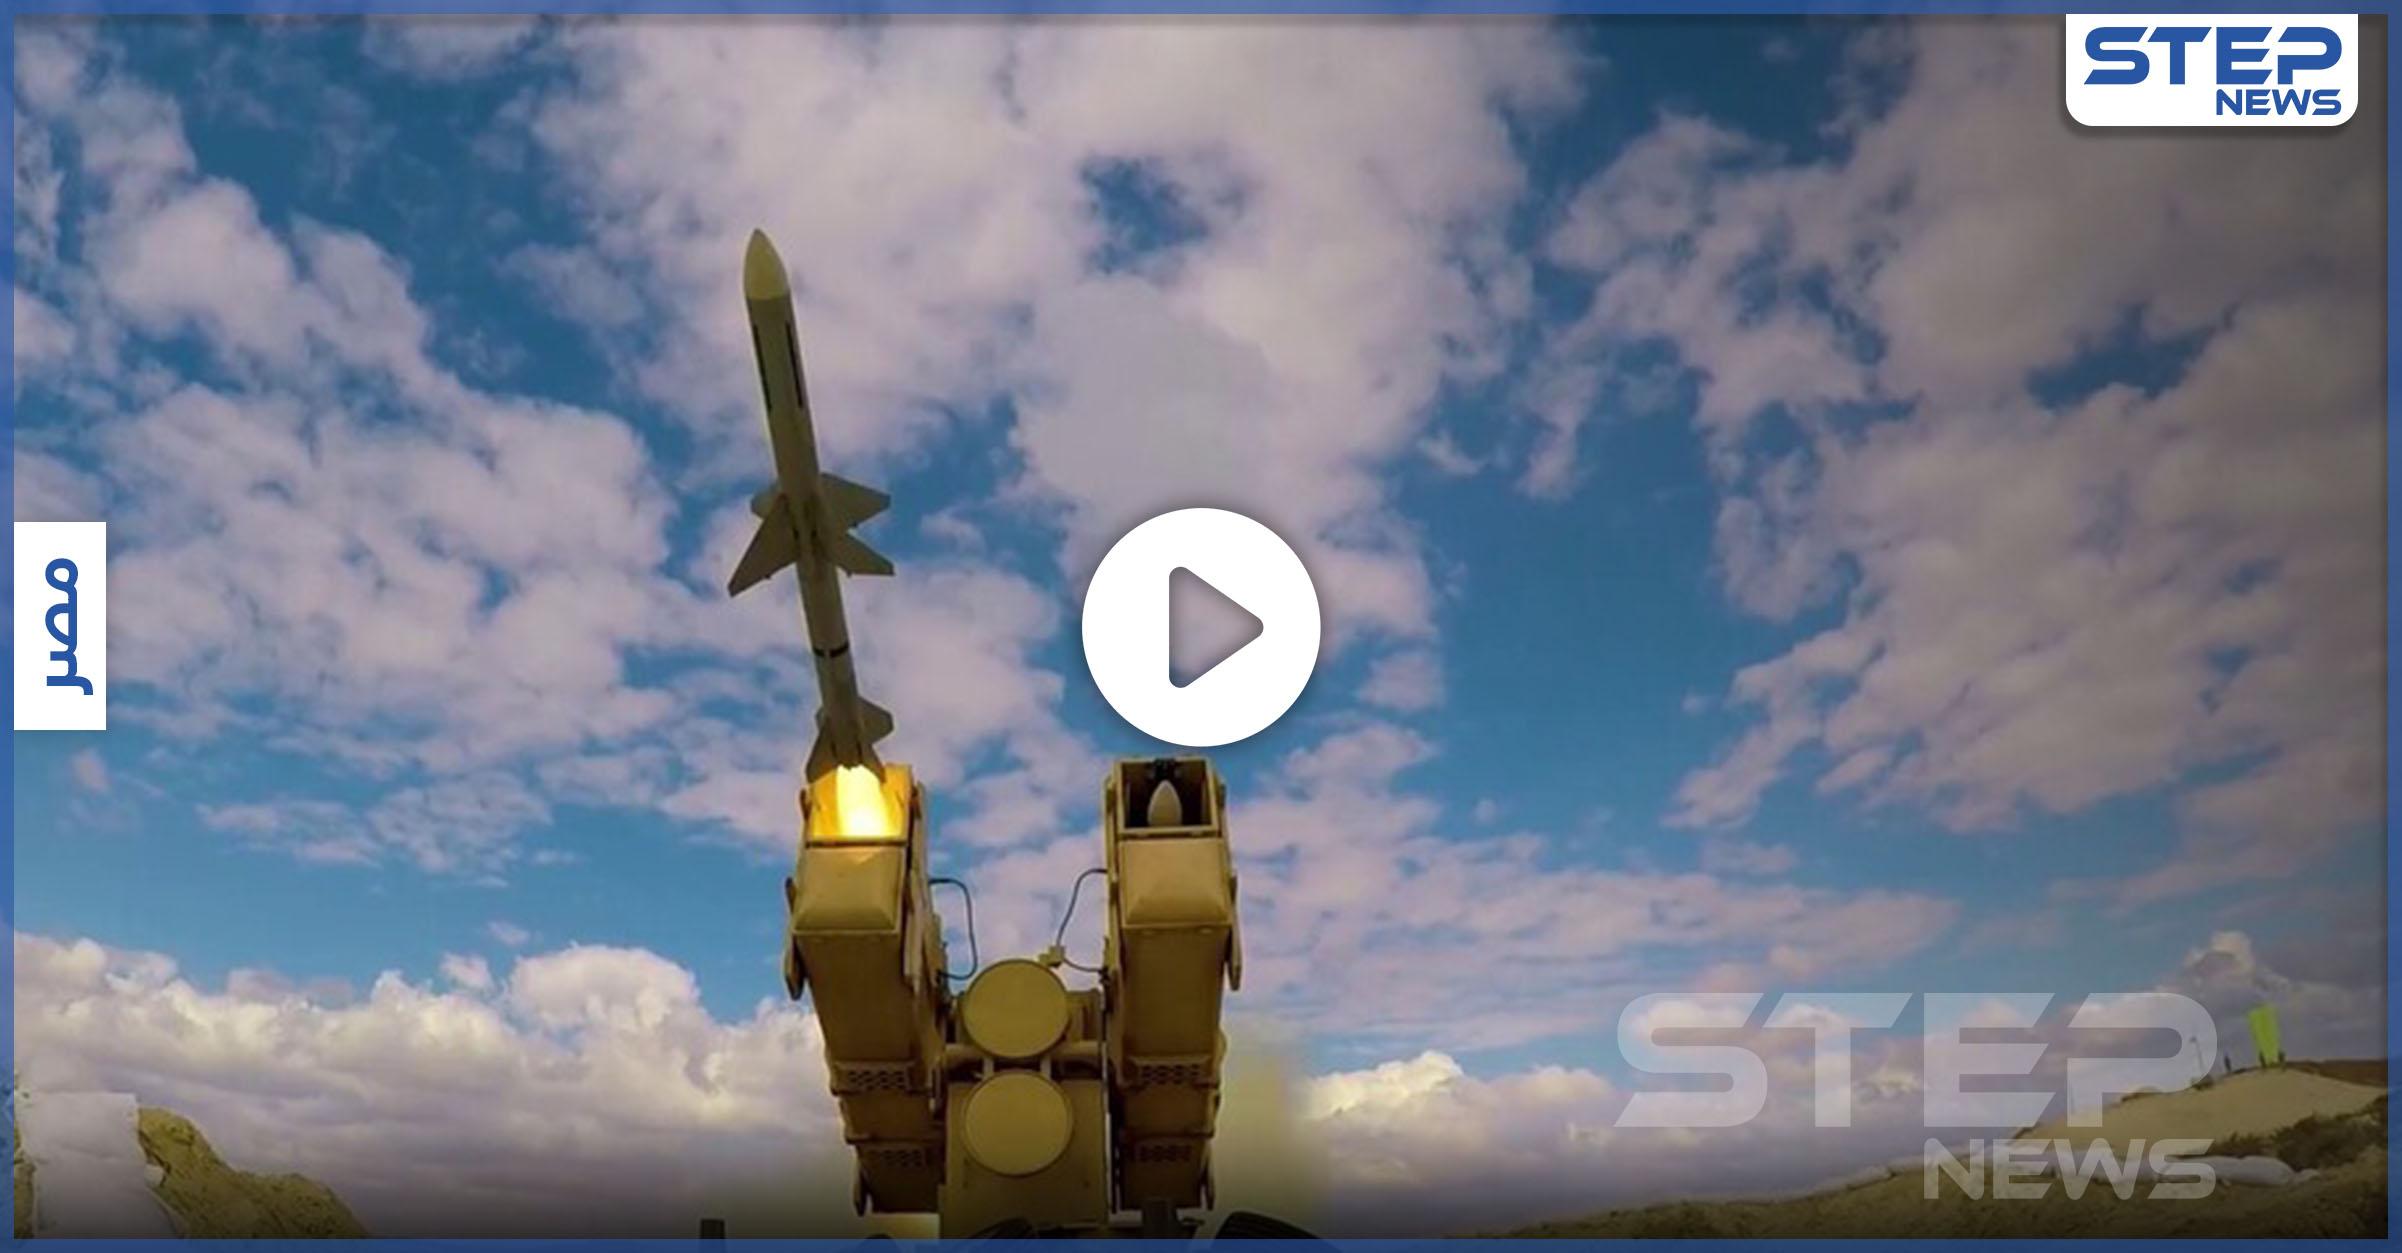 الجيش المصري يستعرض سلاح آمون